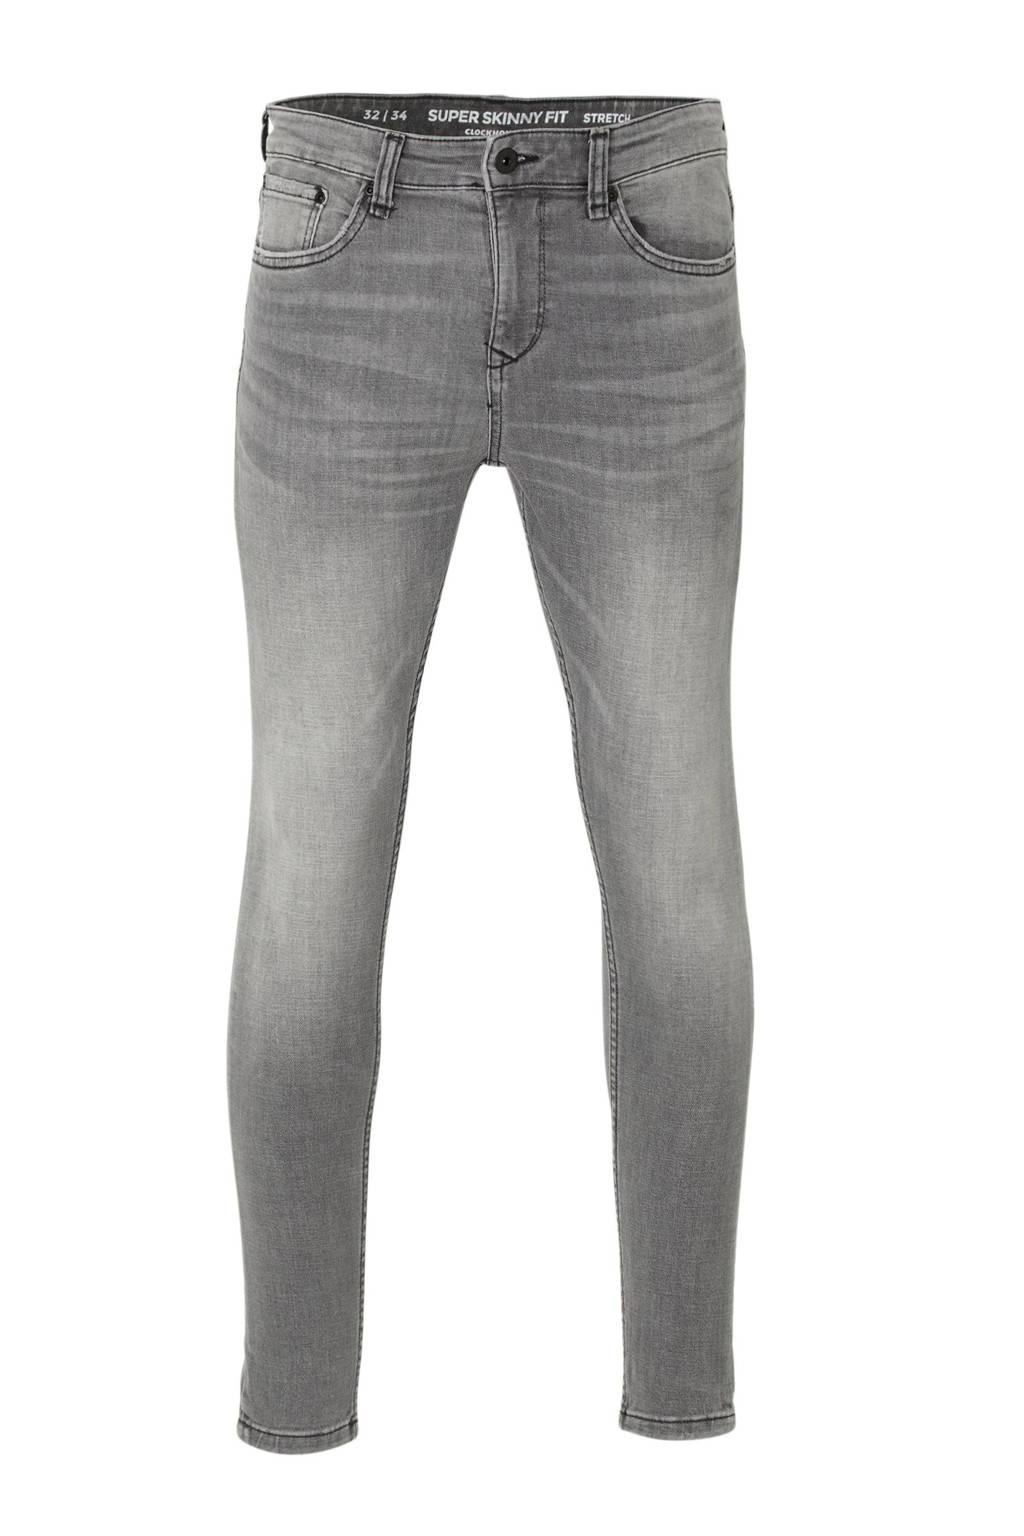 C&A Clockhouse super skinny jeans grijs, Grijs